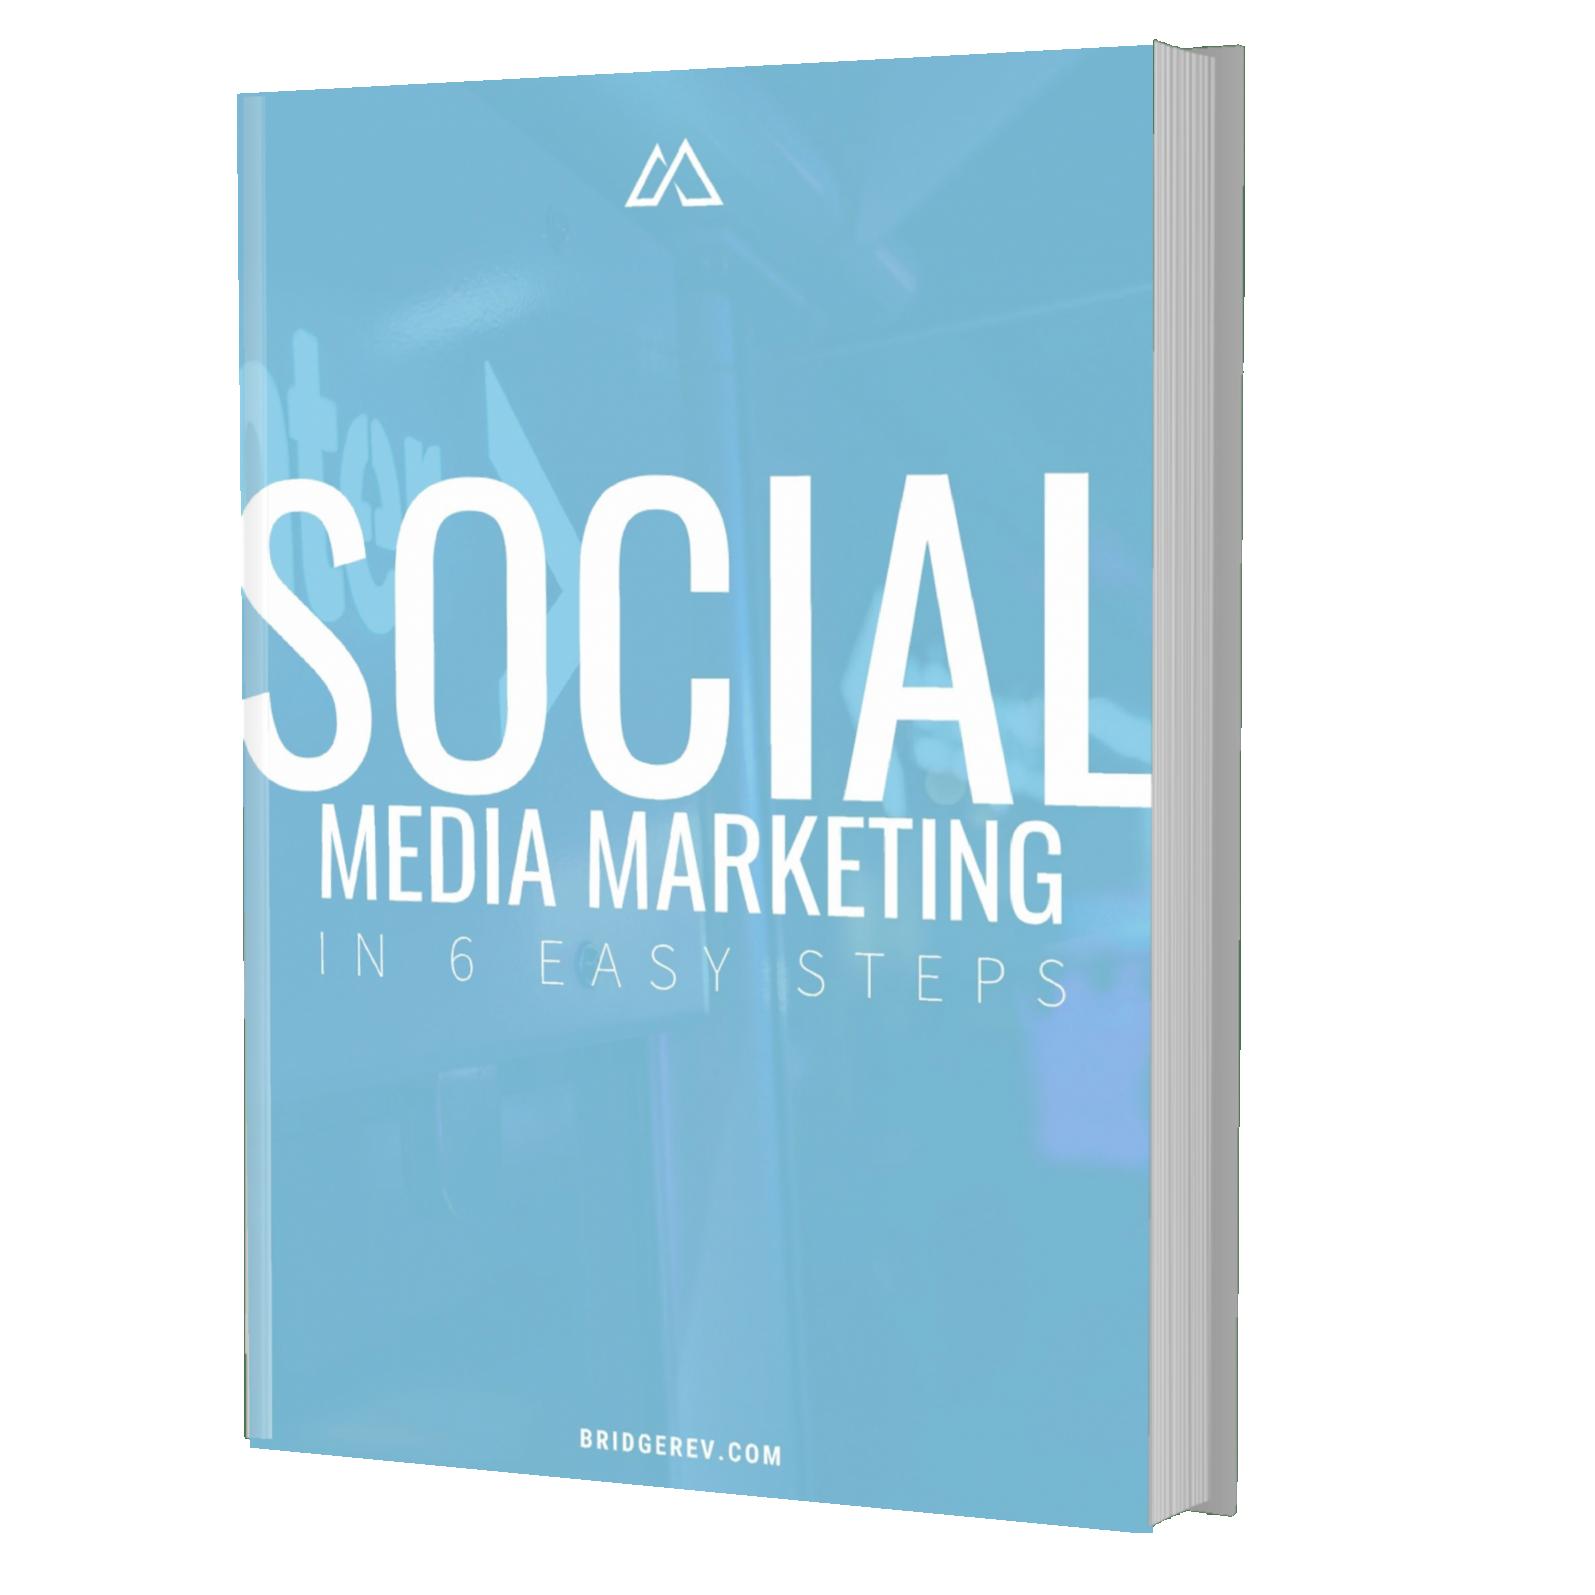 Offer - Social Media Marketing - Mockup